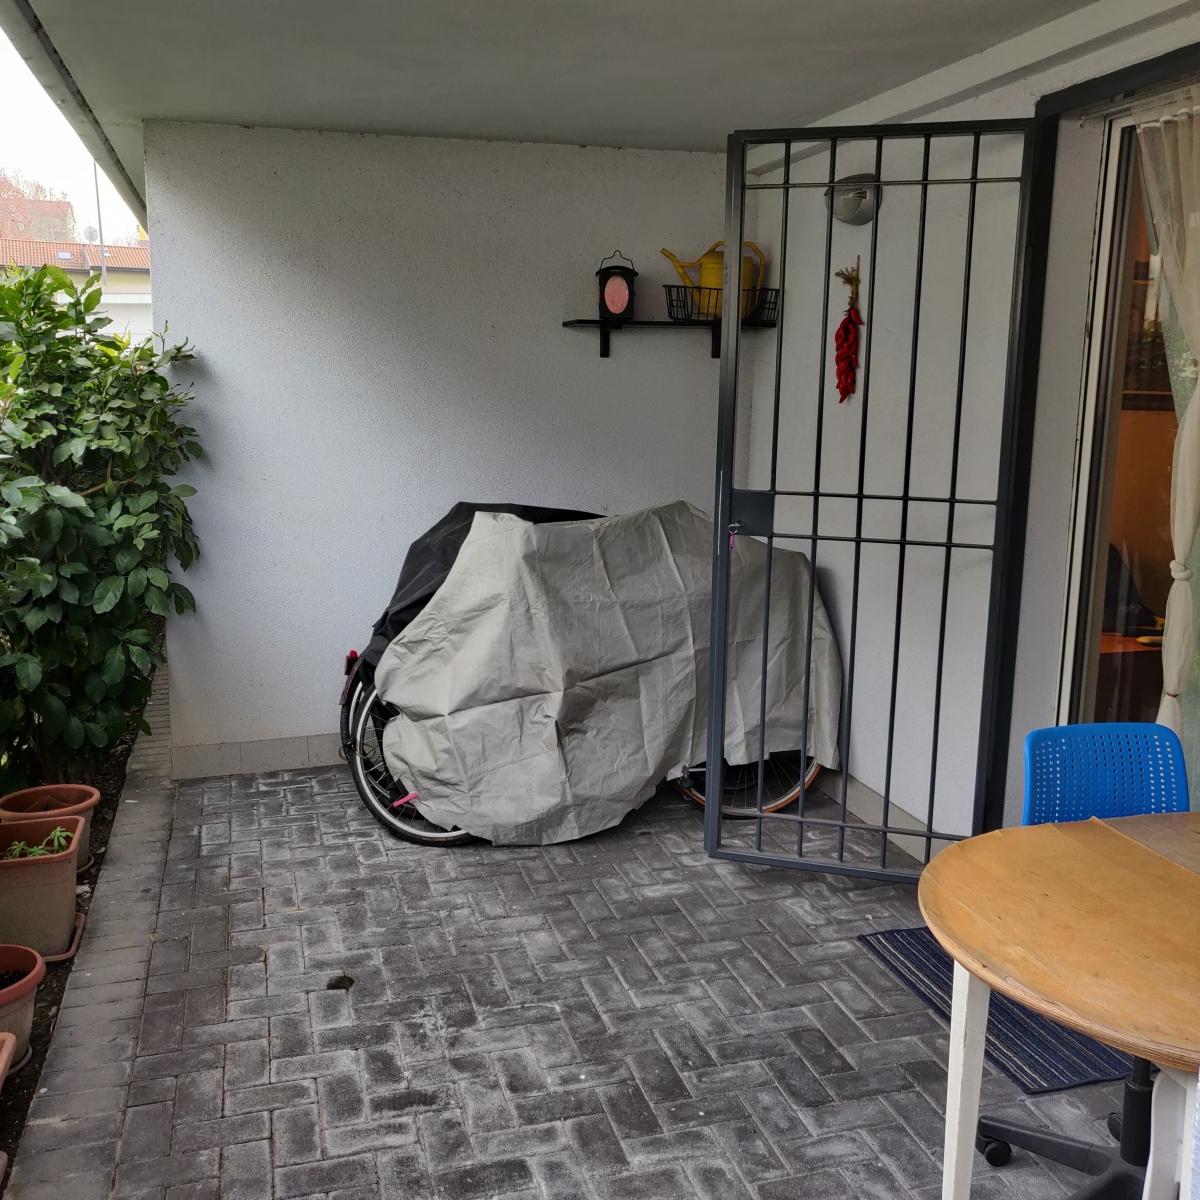 appartamento-in-vendita-milano-via-forze-armate-recente-costruzione-4-locali-spaziourbano-immobiliare-vende-19